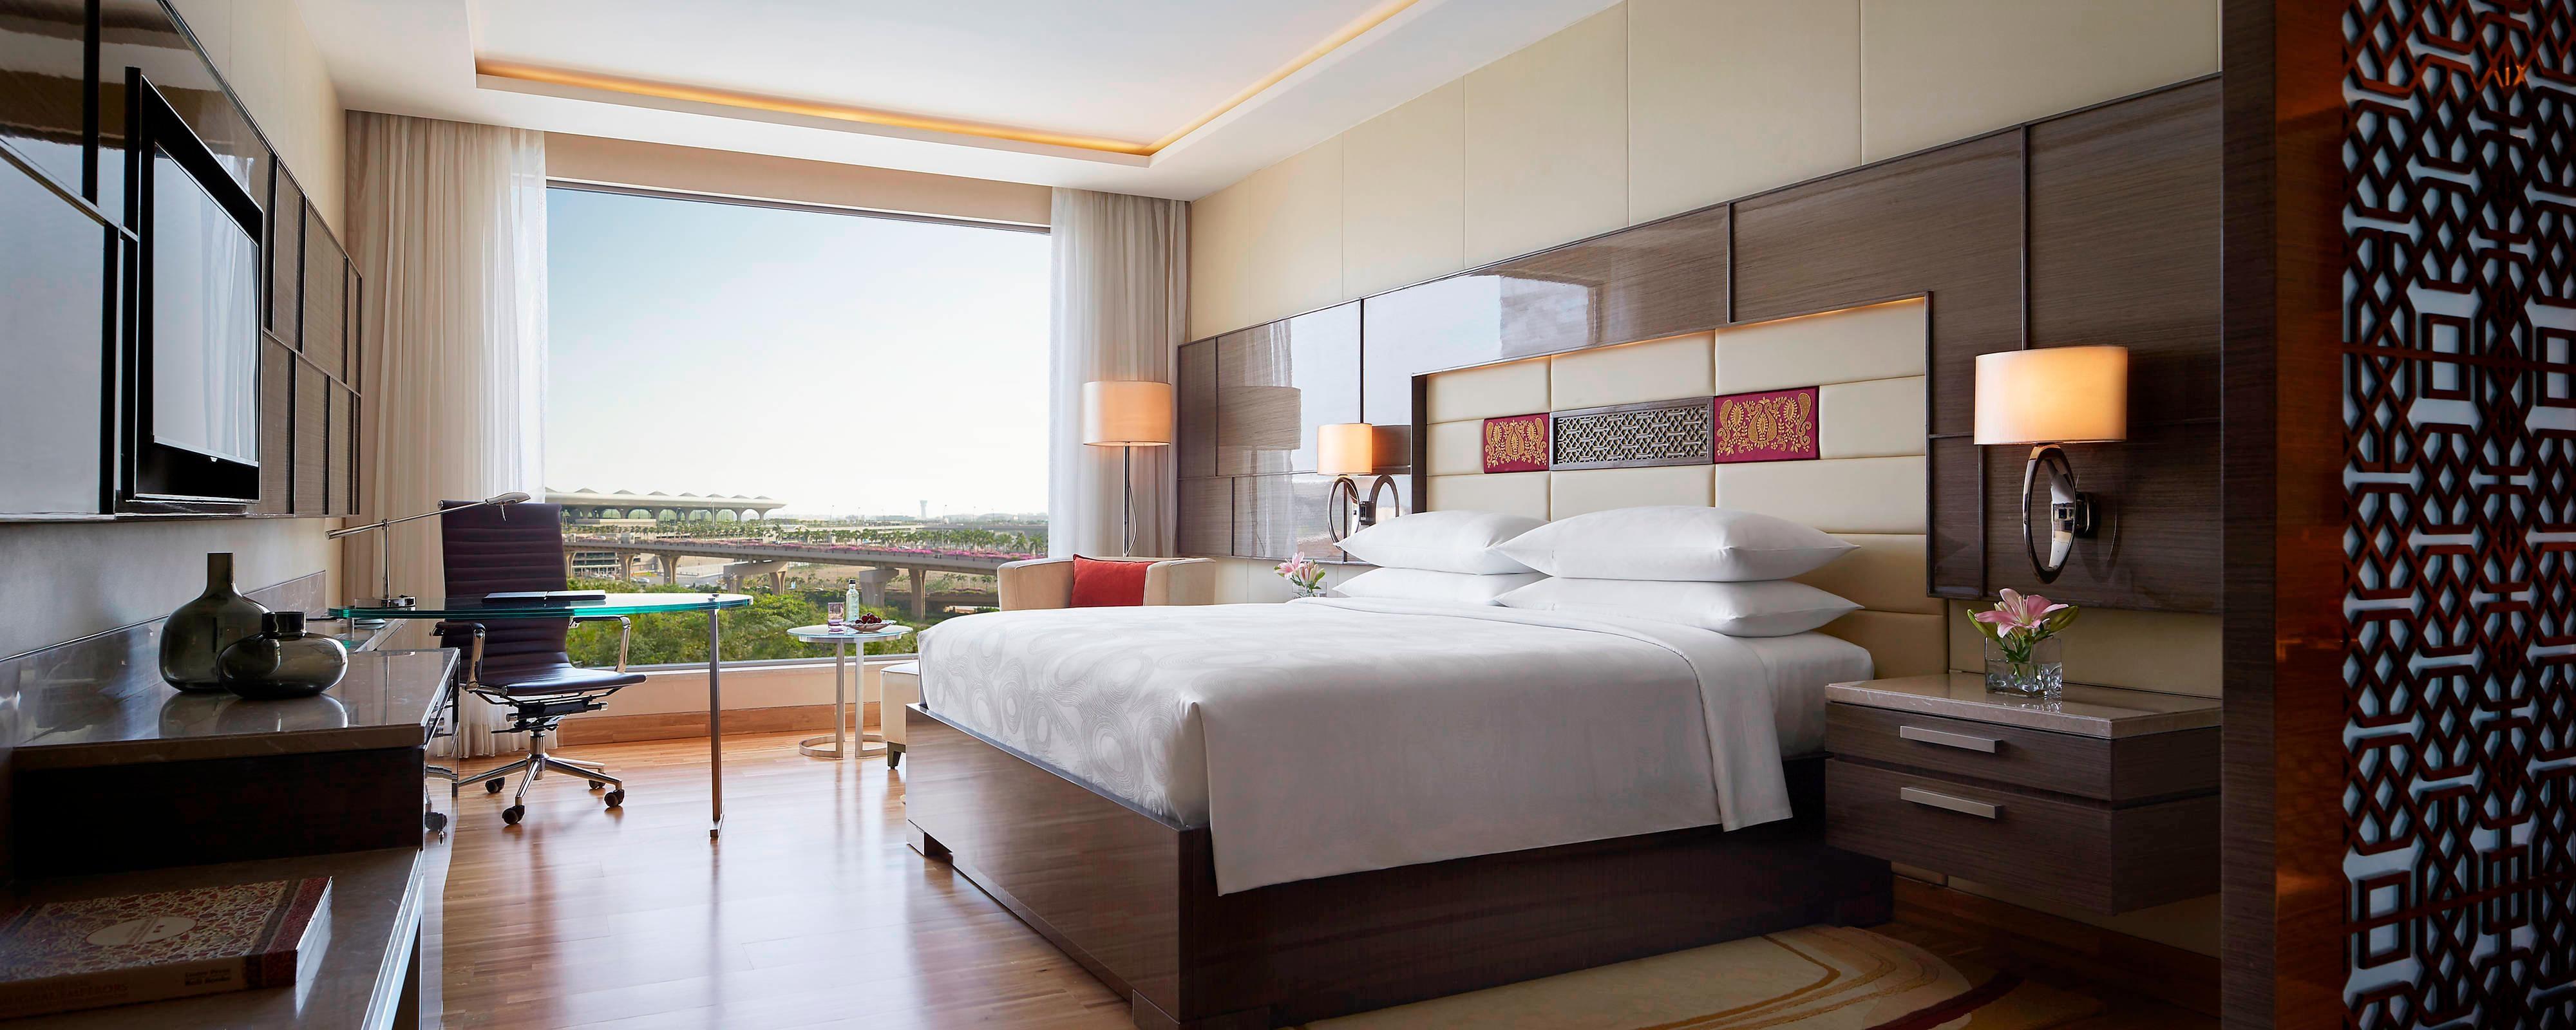 5-star Mumbai hotel suite